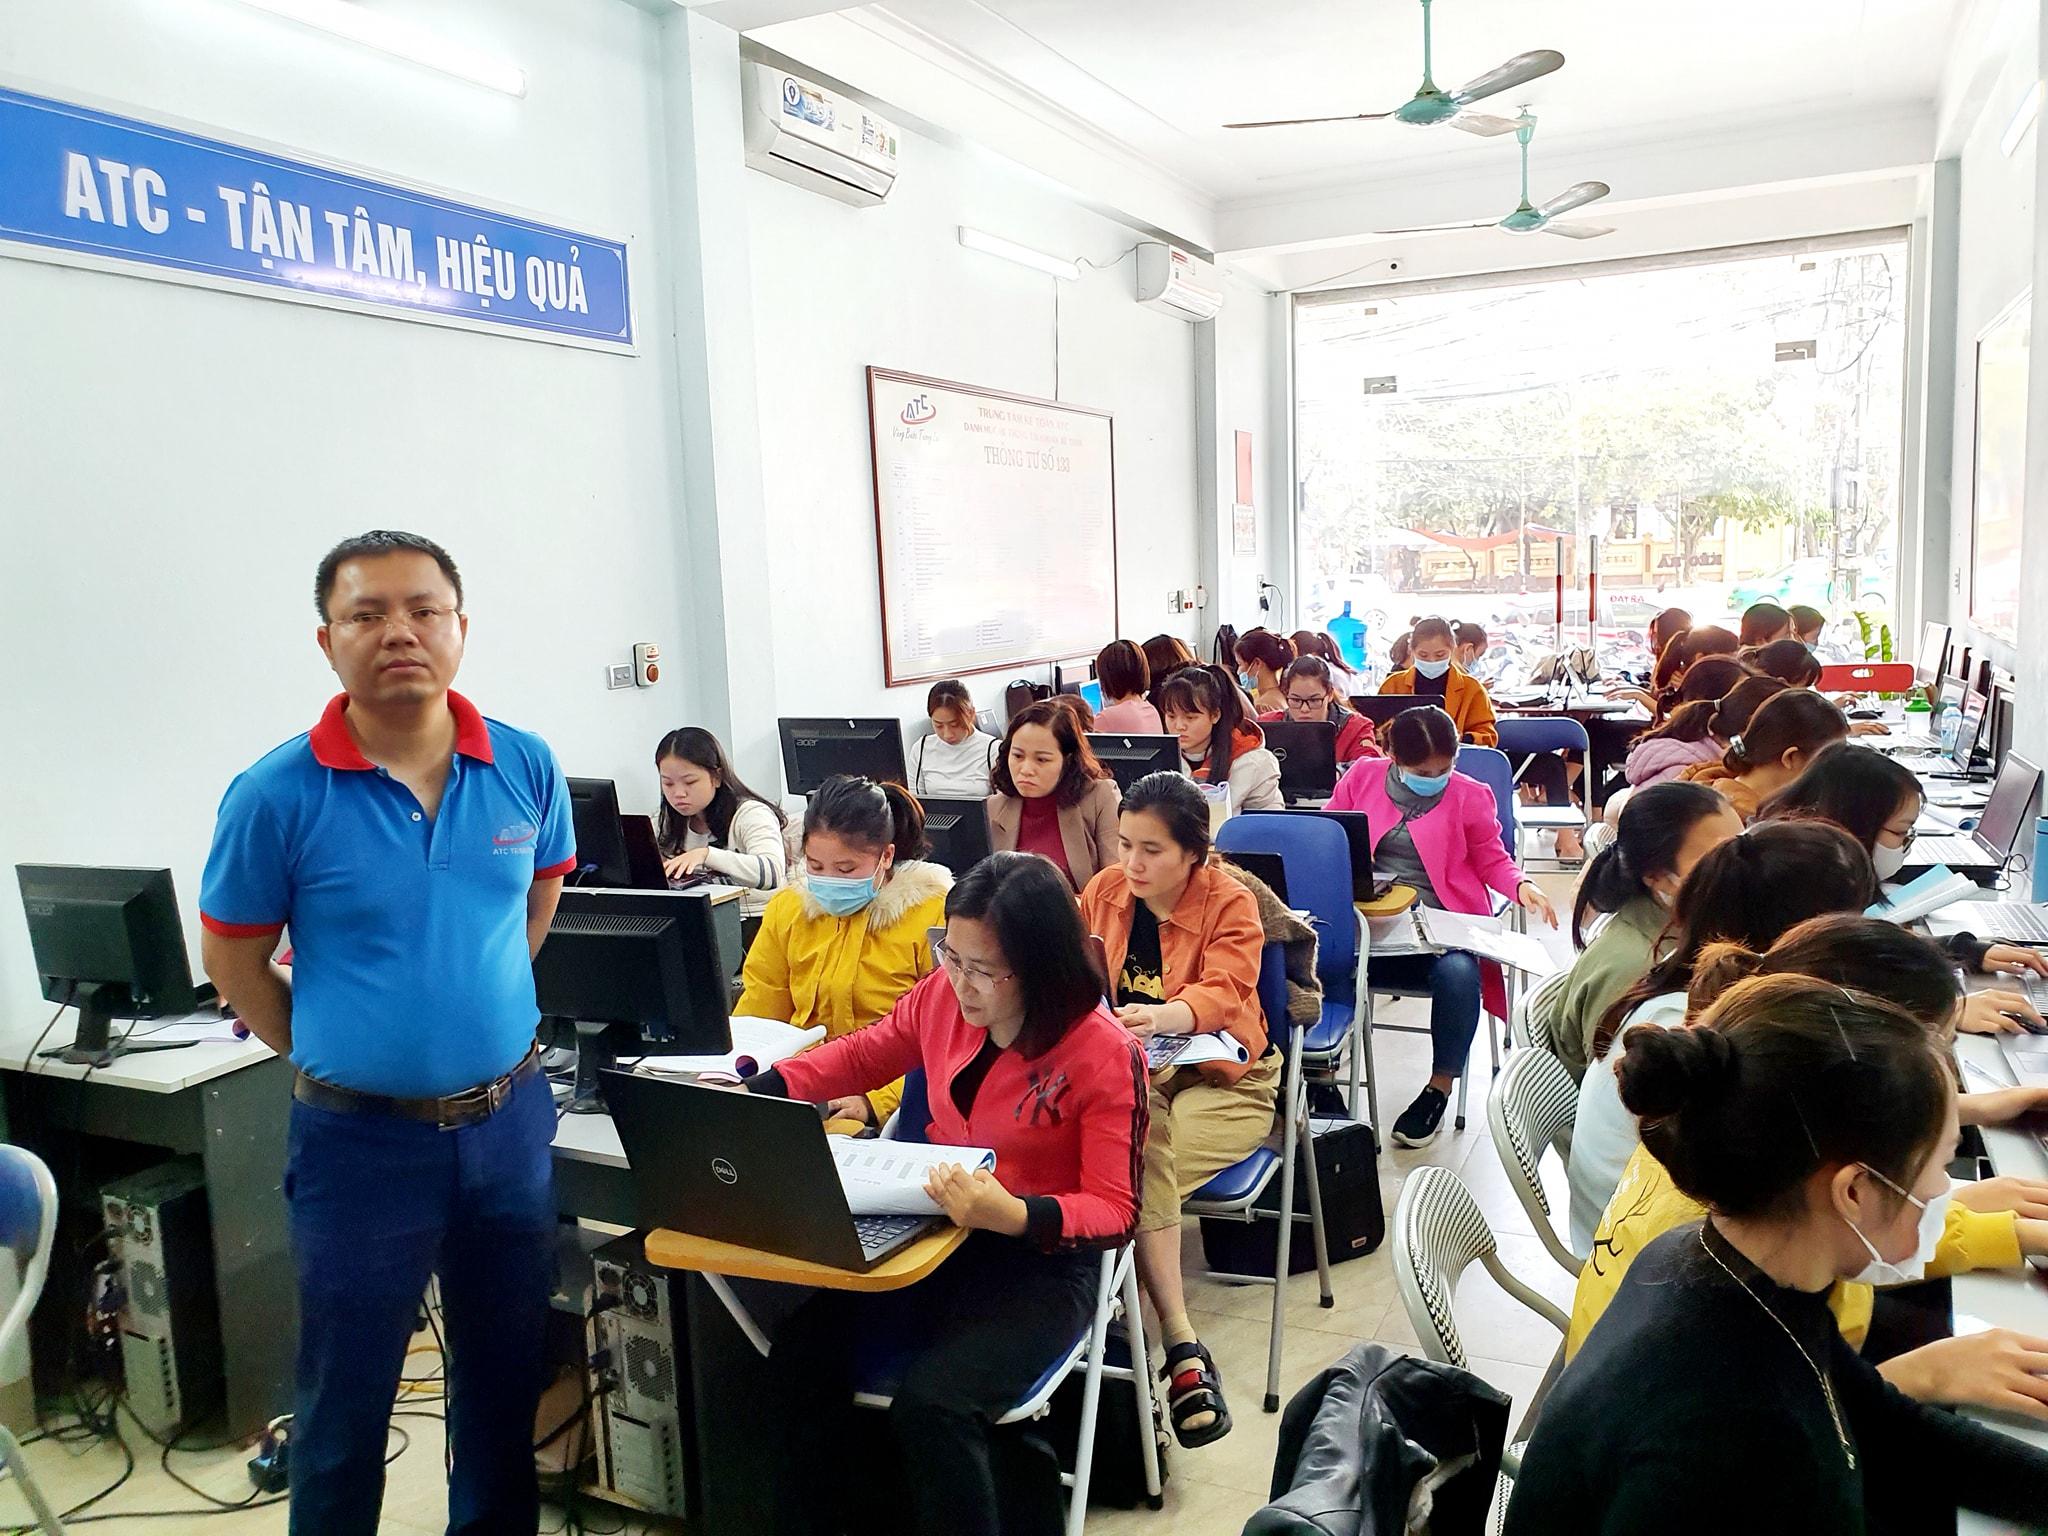 Học tin học văn phòng cấp tốc tại Thanh Hóa